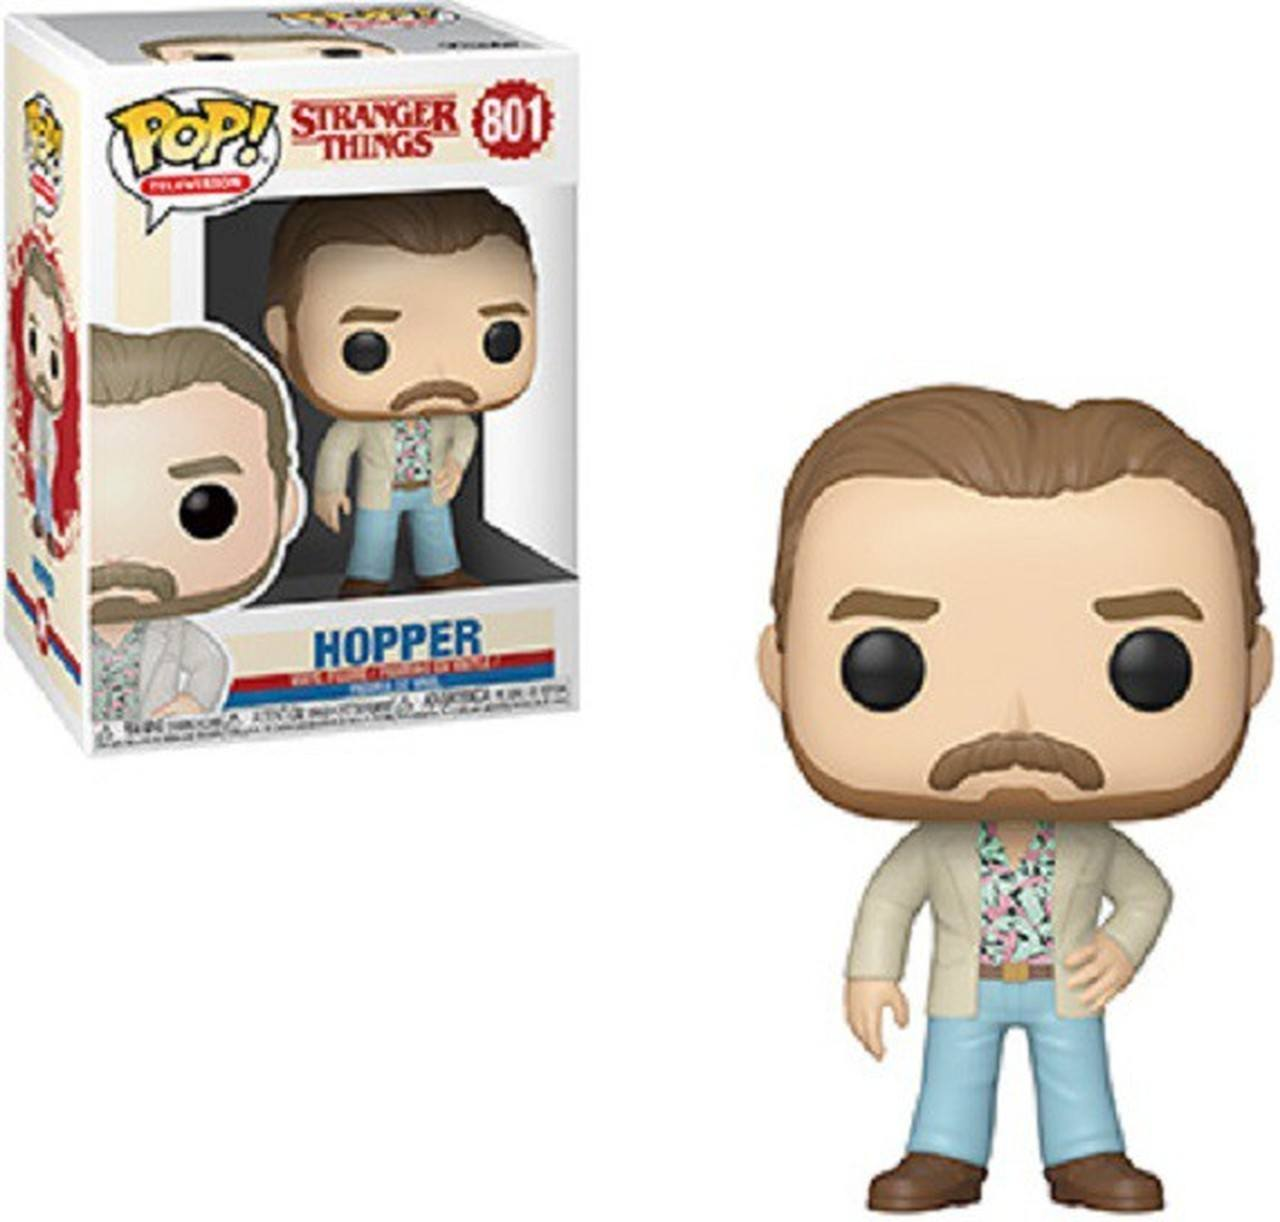 Hopper - Stranger Things - Funko Pop!